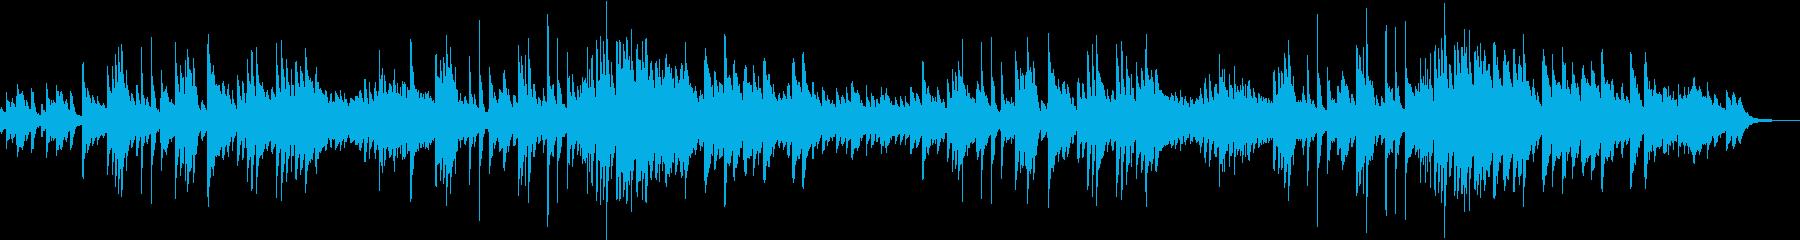 タイスの瞑想曲 琴アレンジの再生済みの波形